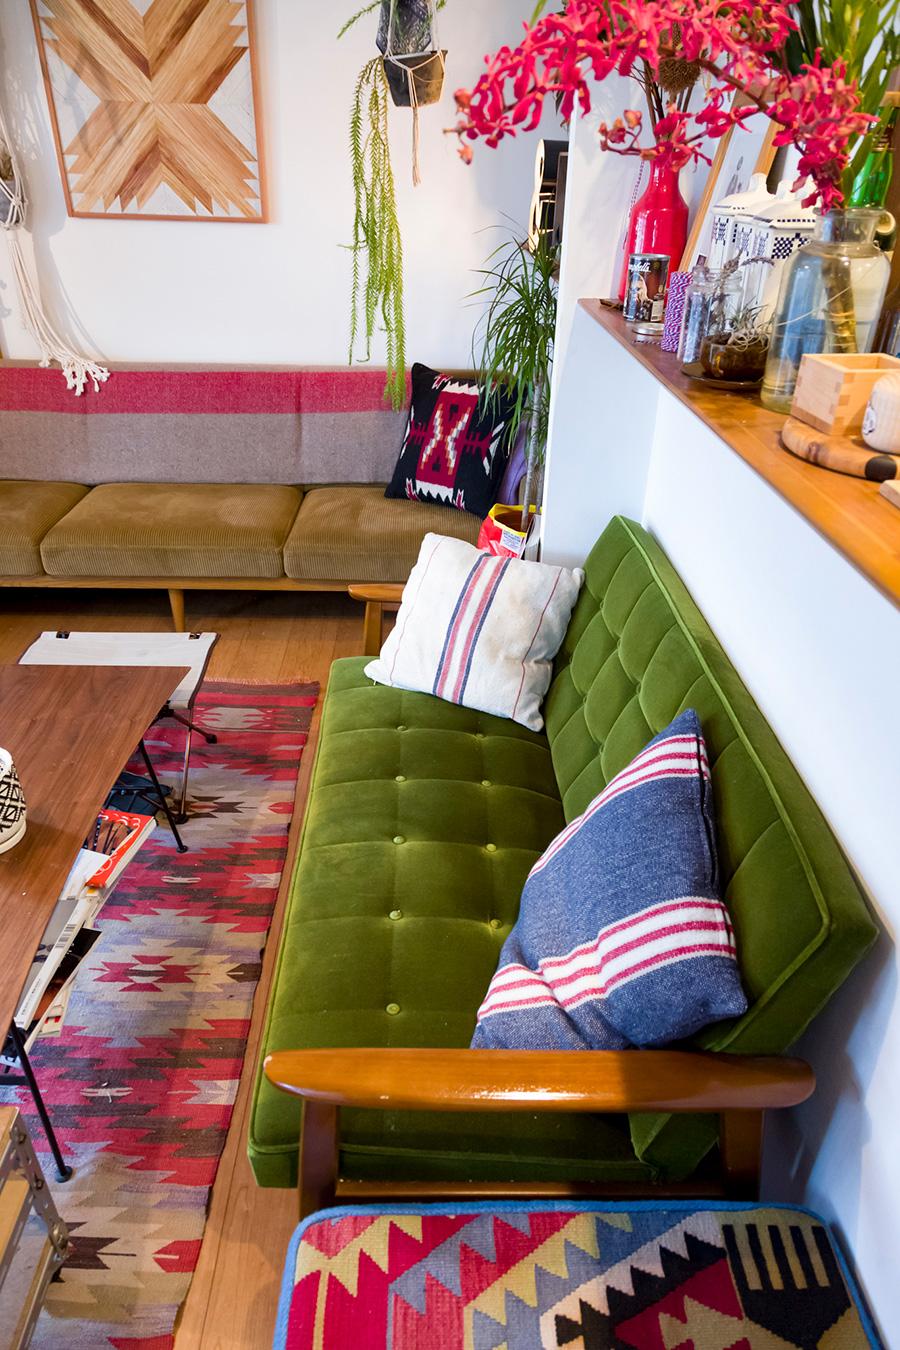 手前が『カリモク』、奥が『TRUCK furniture』のソファ。このスペースに客人が集まってくるのだそう。